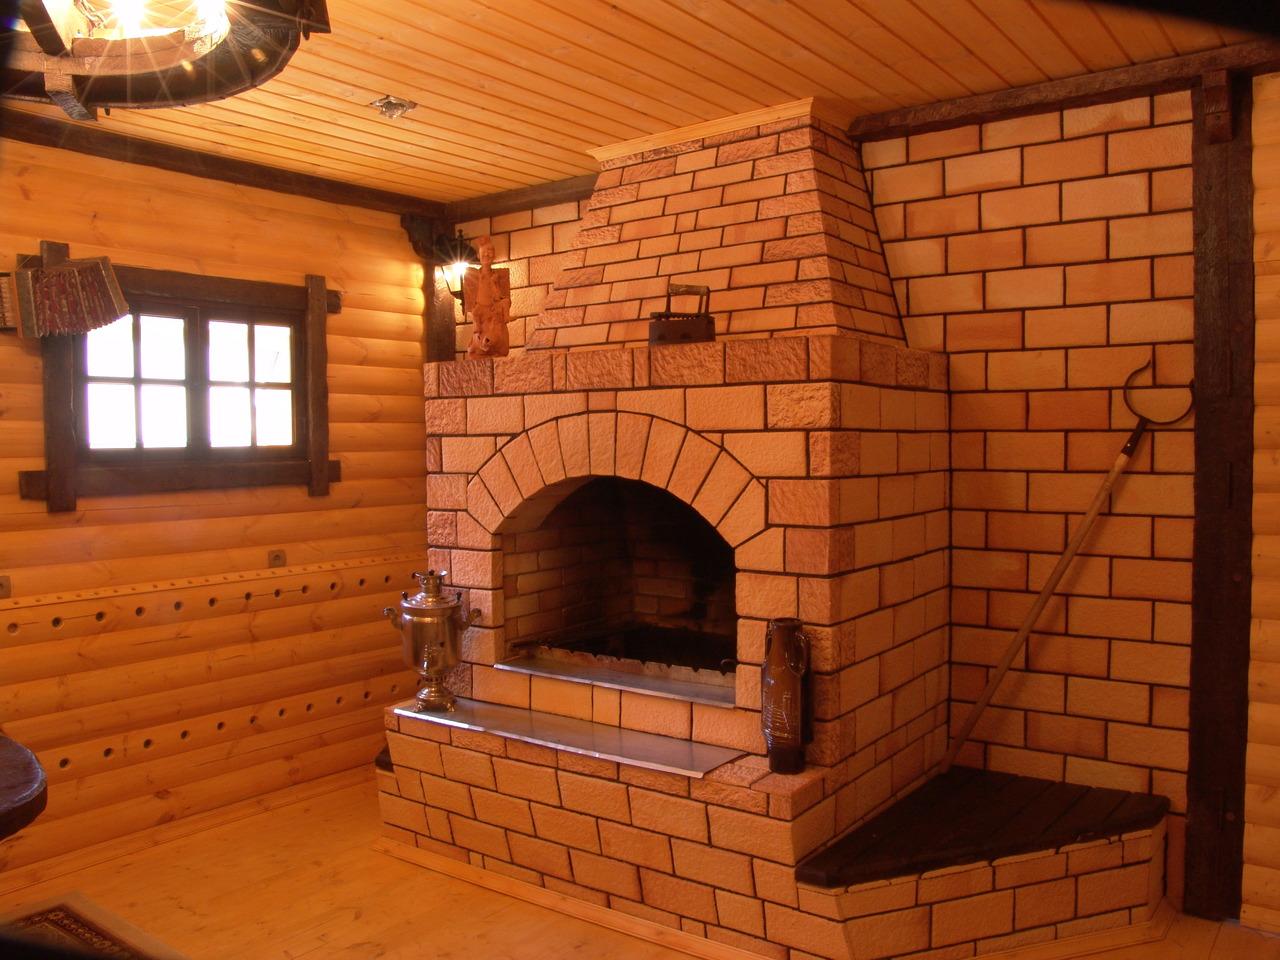 Огнеупорные смеси для печей и каминов обладают повышенной термоустойчивостью и трещиноустойчивостью